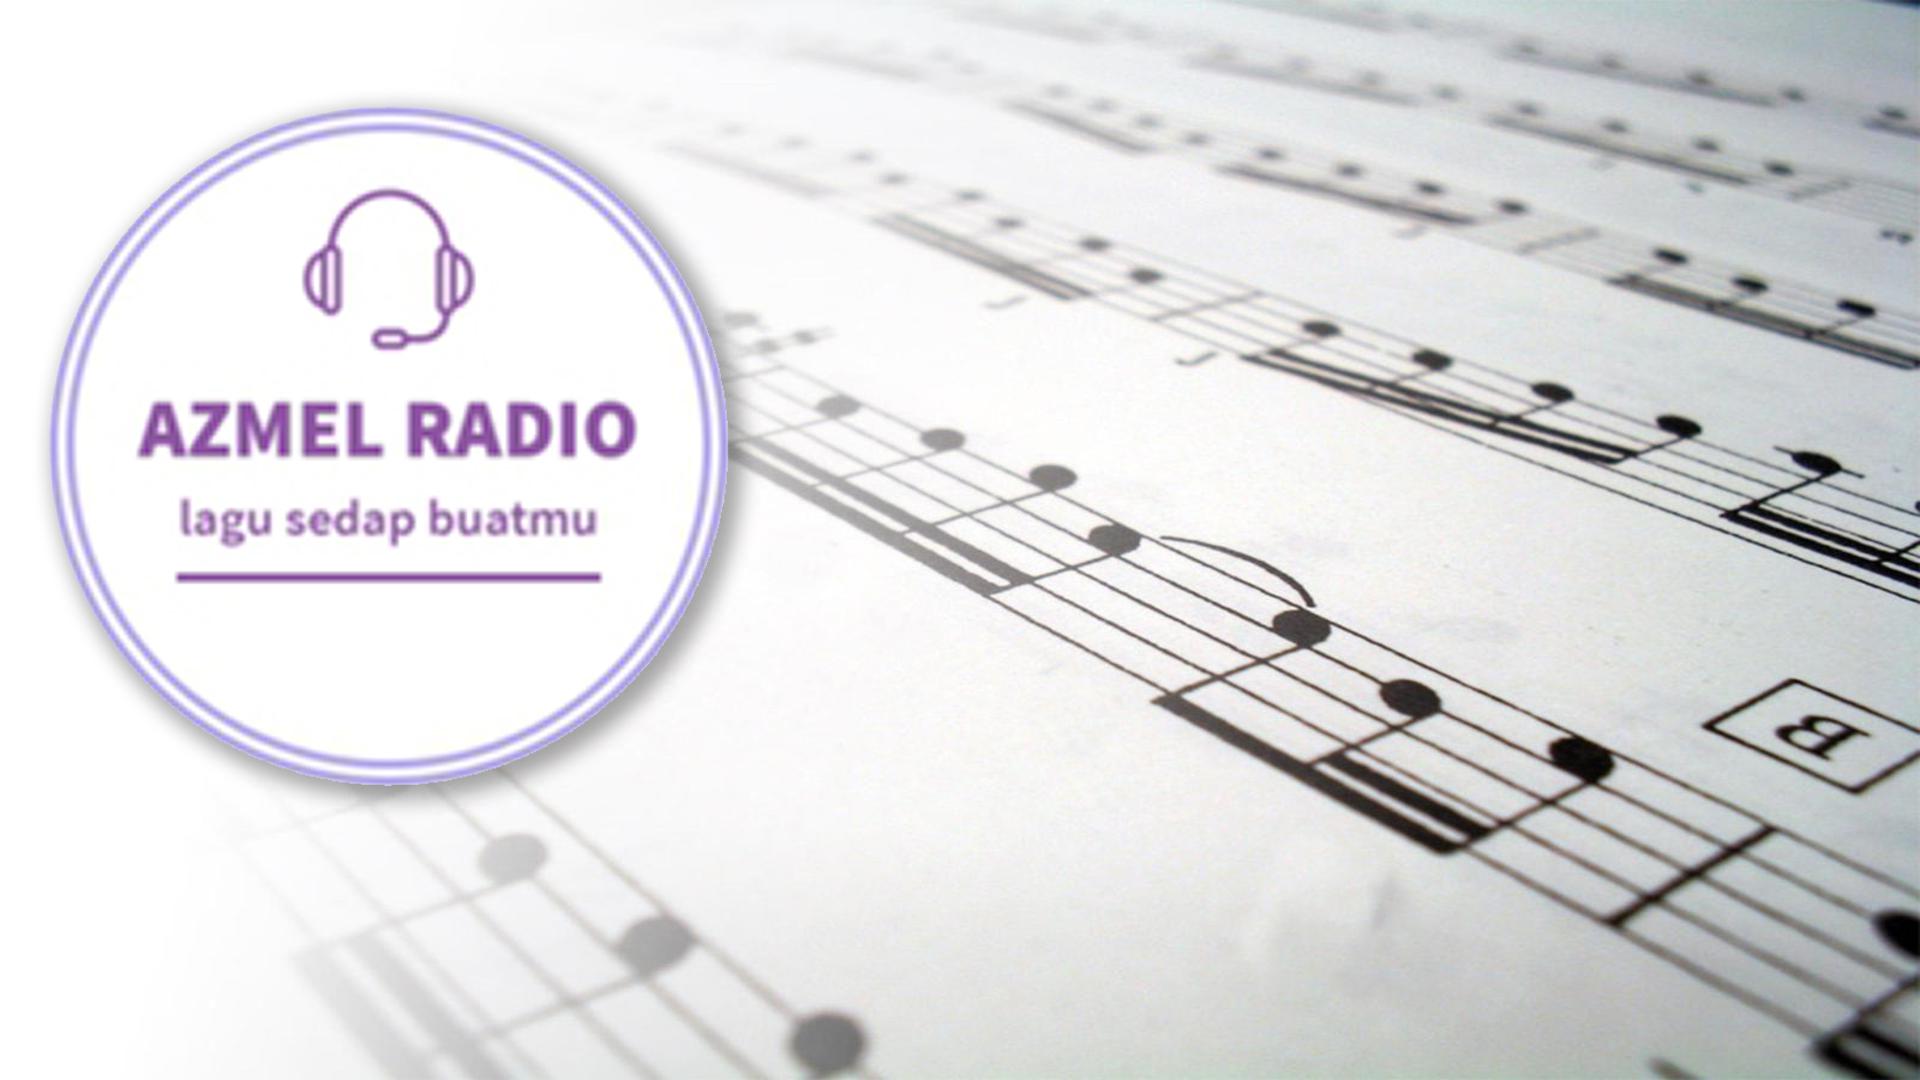 Azmel Radio